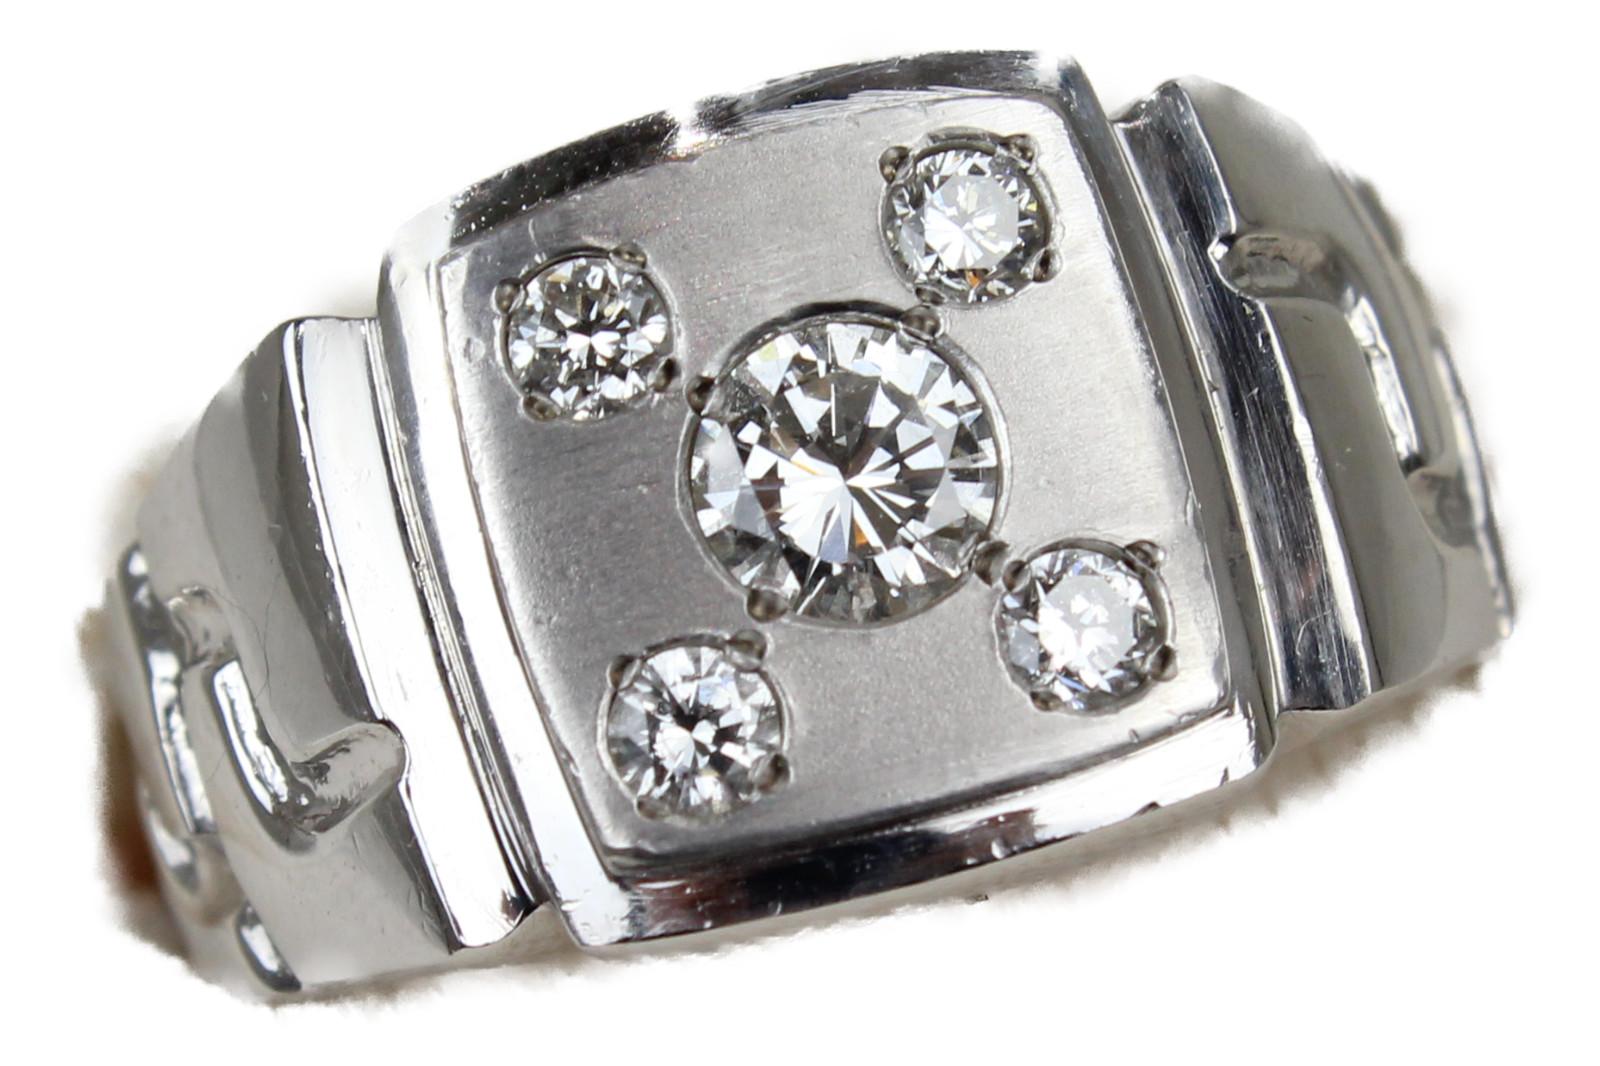 【☆新品仕上げ済☆】サイコロ5印台リングPt900 ダイヤモンド0.367ct/0.27ct22.5g 22.5号 高級 レアギフト包装可 【中古】